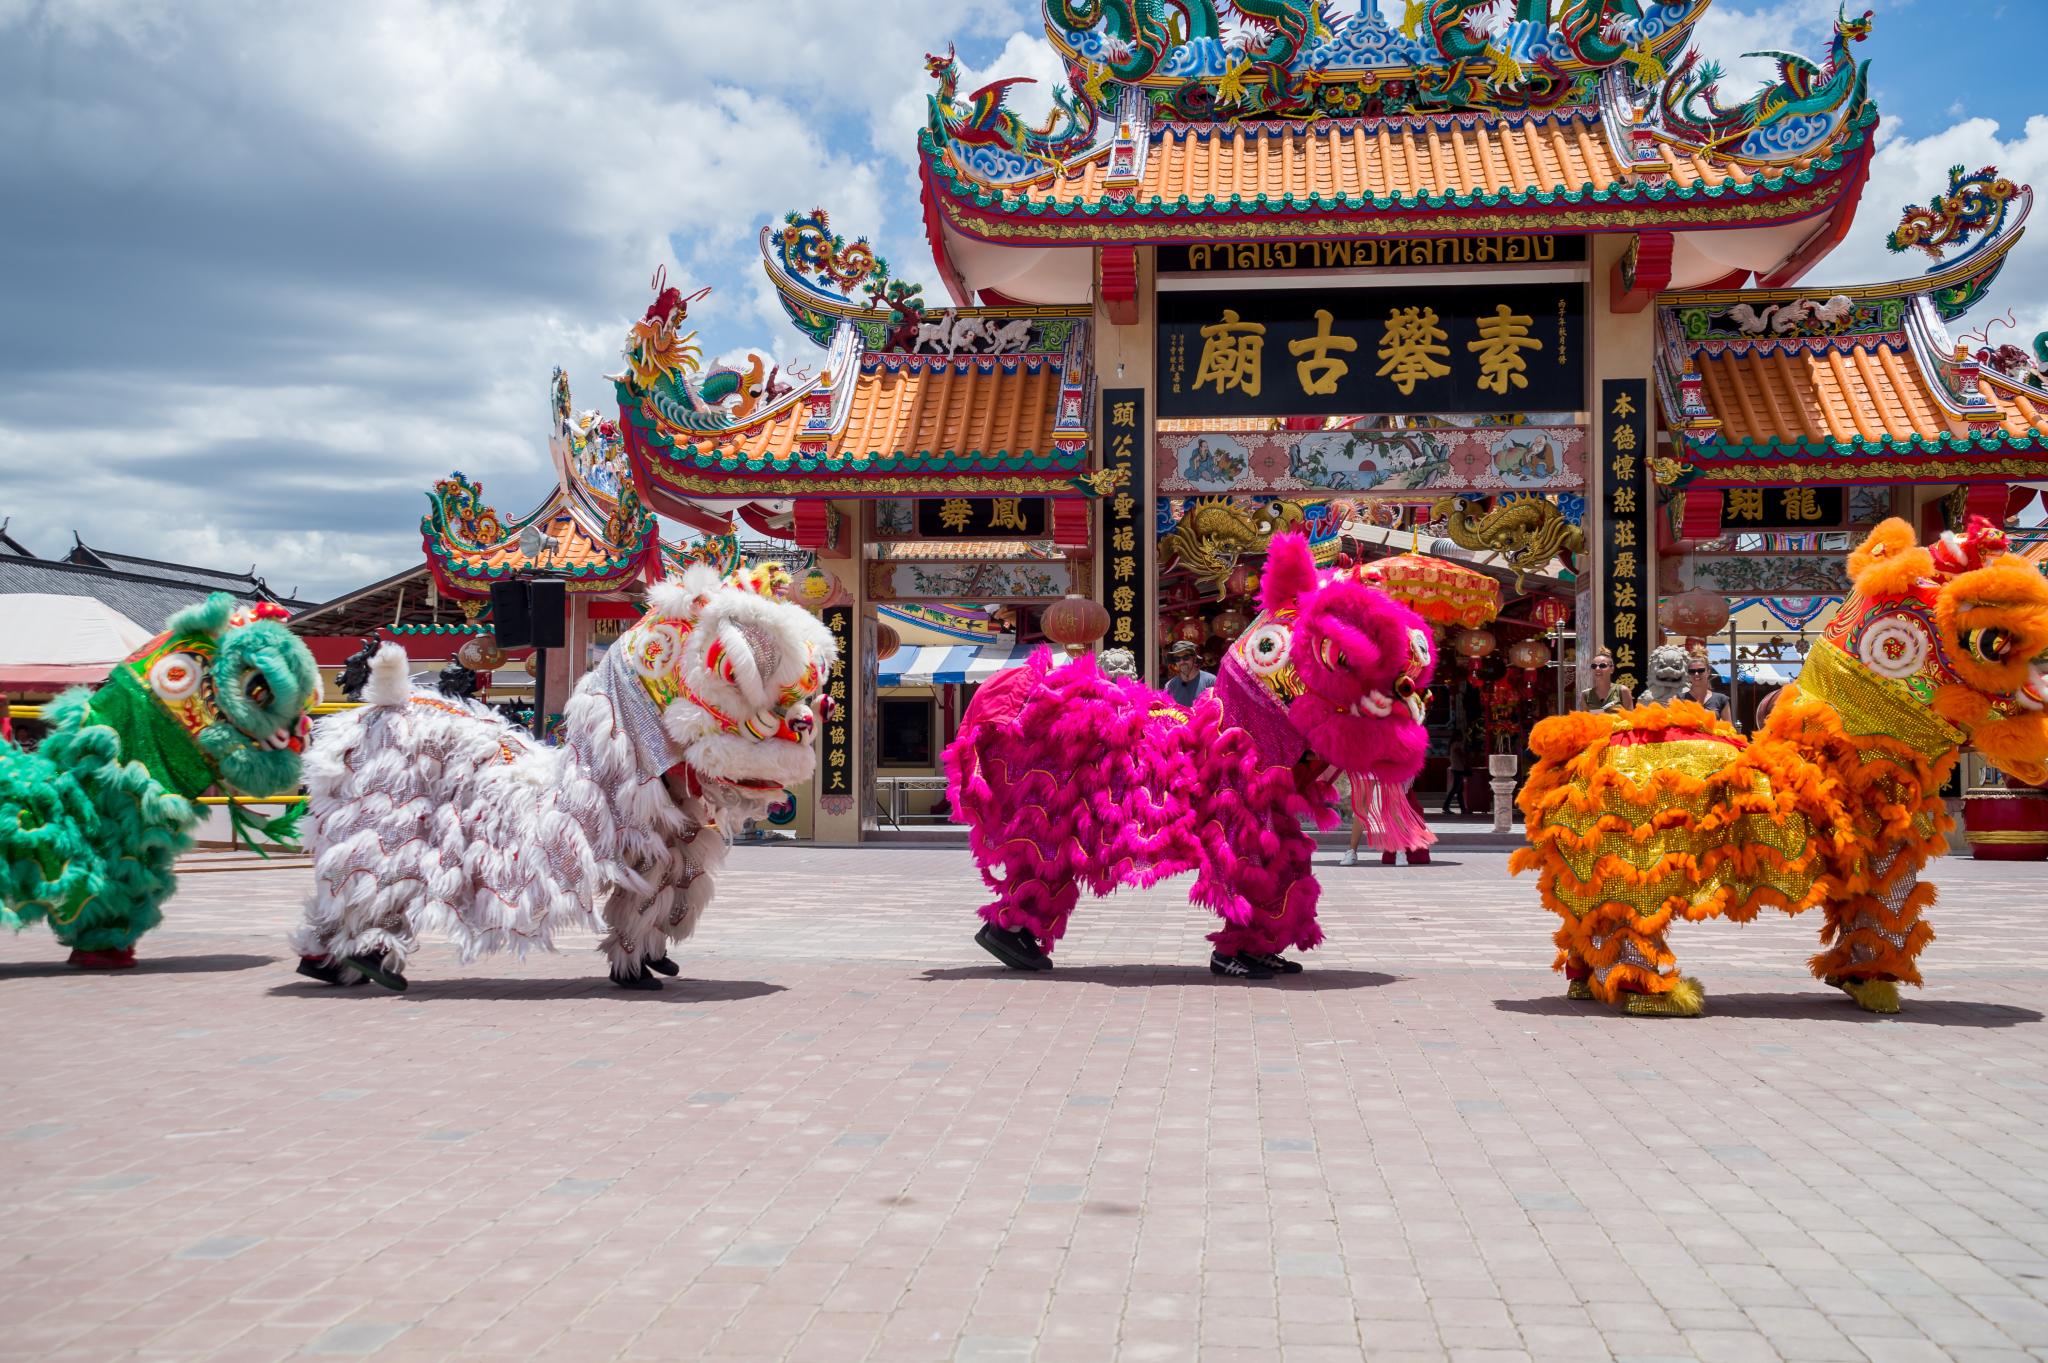 Chińskie smoki podczas pokazowego tańca.